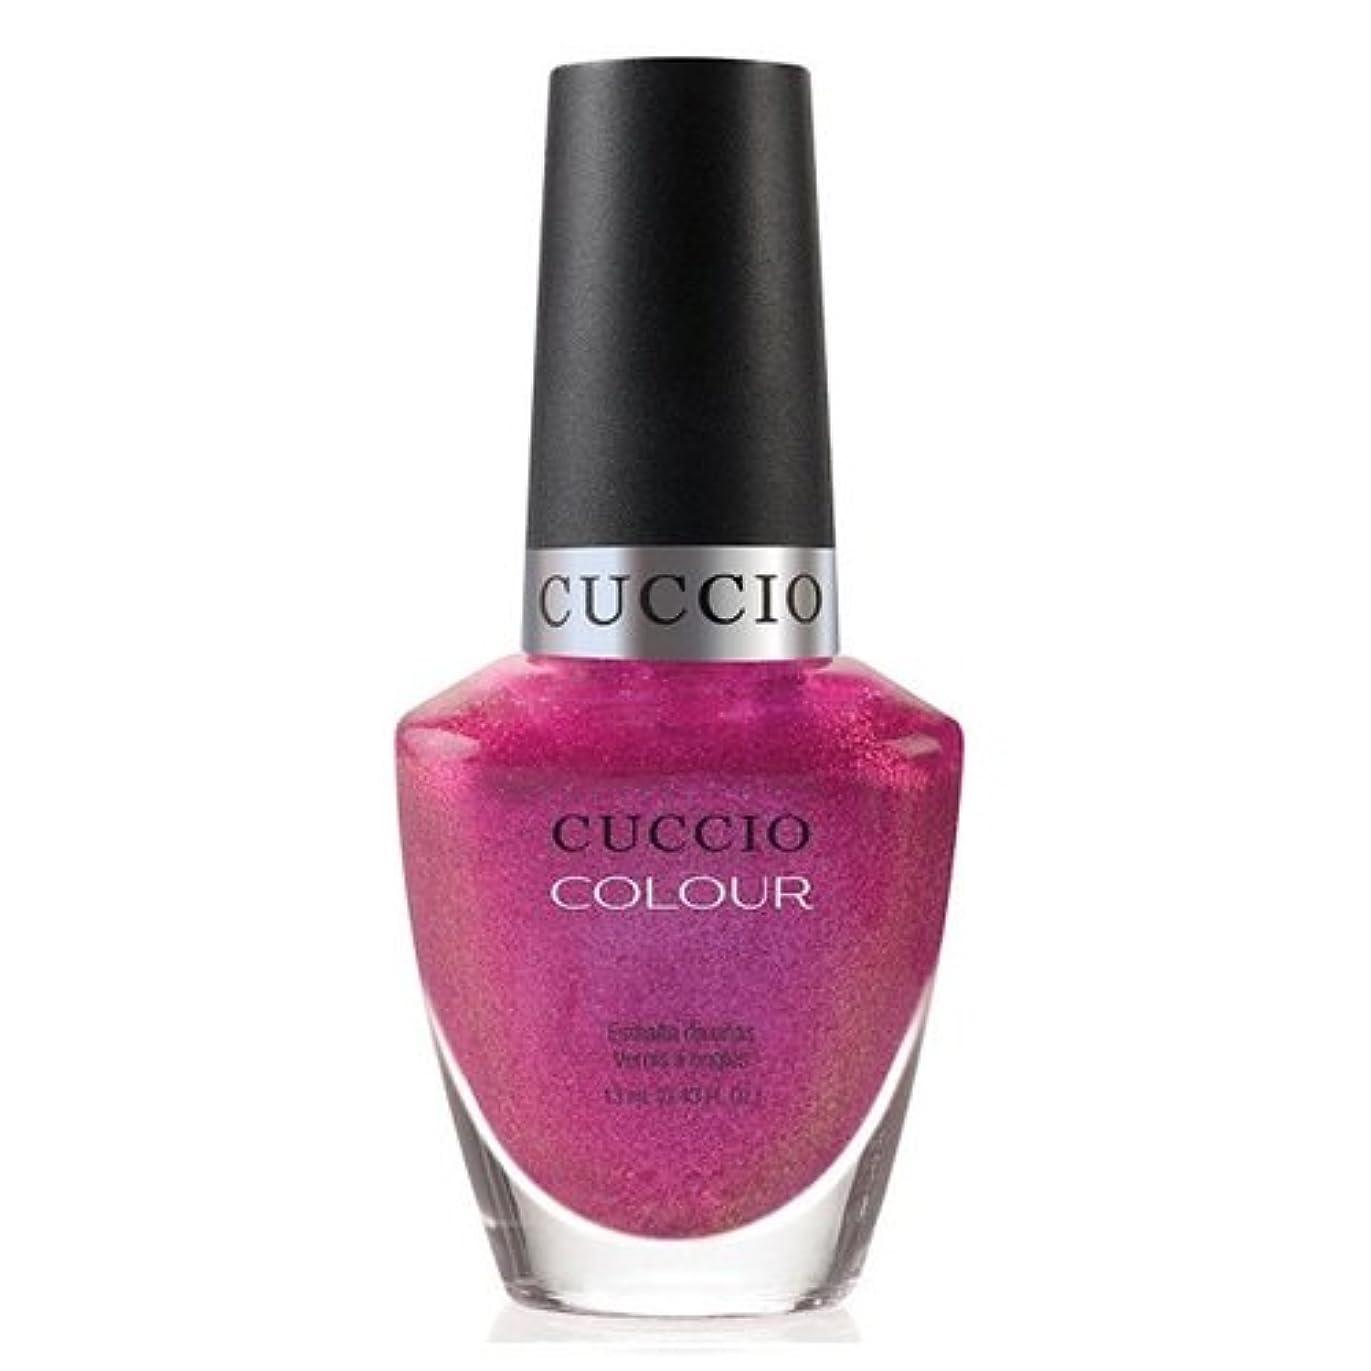 風変わりな思春期場所Cuccio Colour Gloss Lacquer - Femme Fatale - 0.43oz/13ml